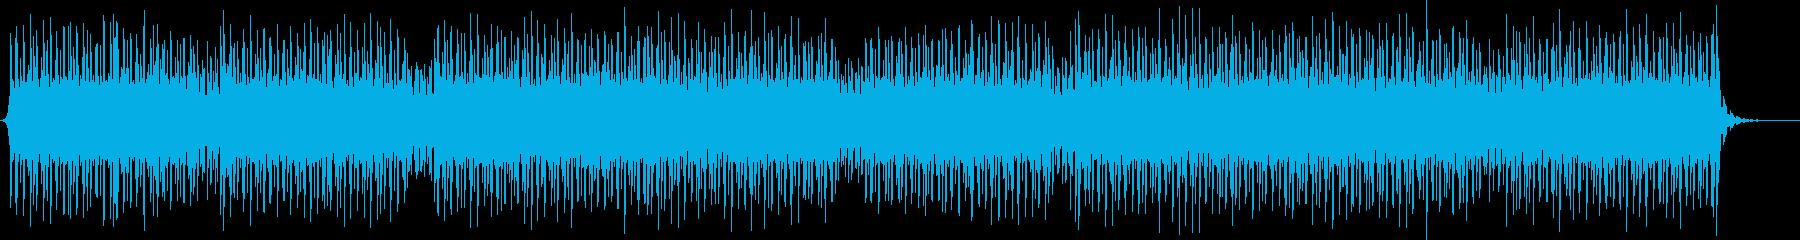 ニュース読みBGM/四つ打ち/ハウス系の再生済みの波形